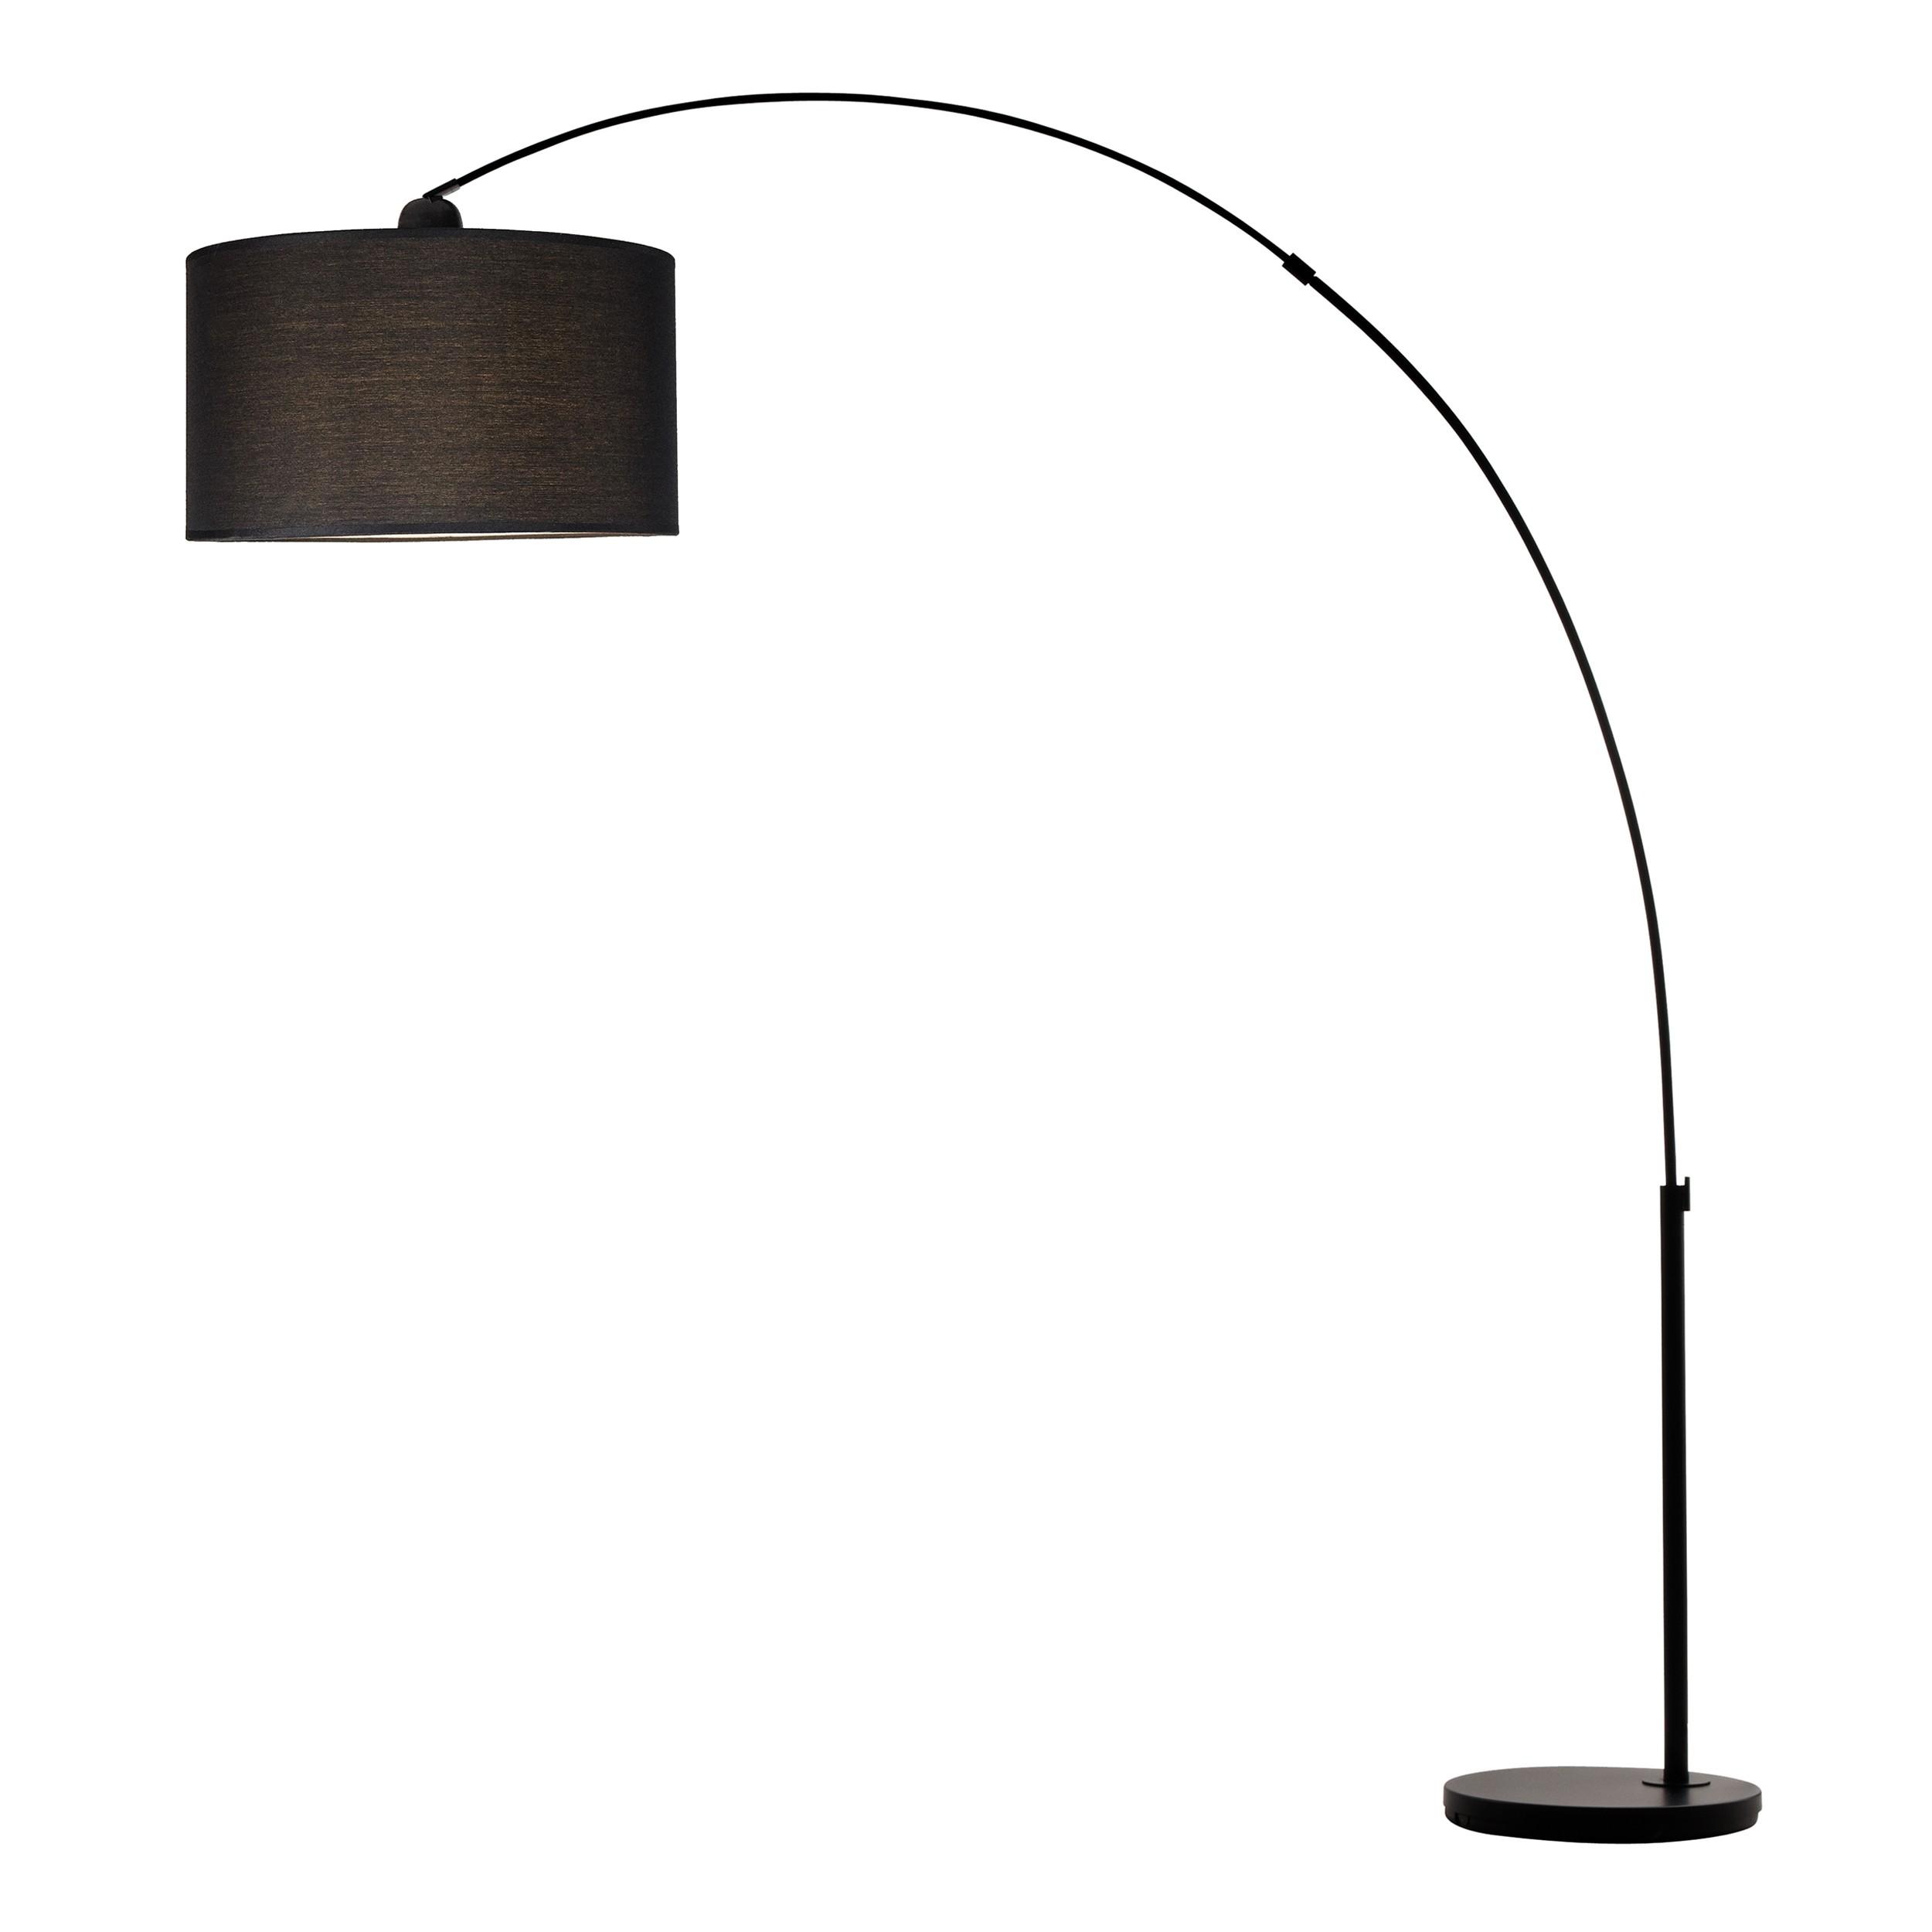 Super Lampadaire Arc Attis noir : découvrez les lampadaires Arc Attis  ZT01